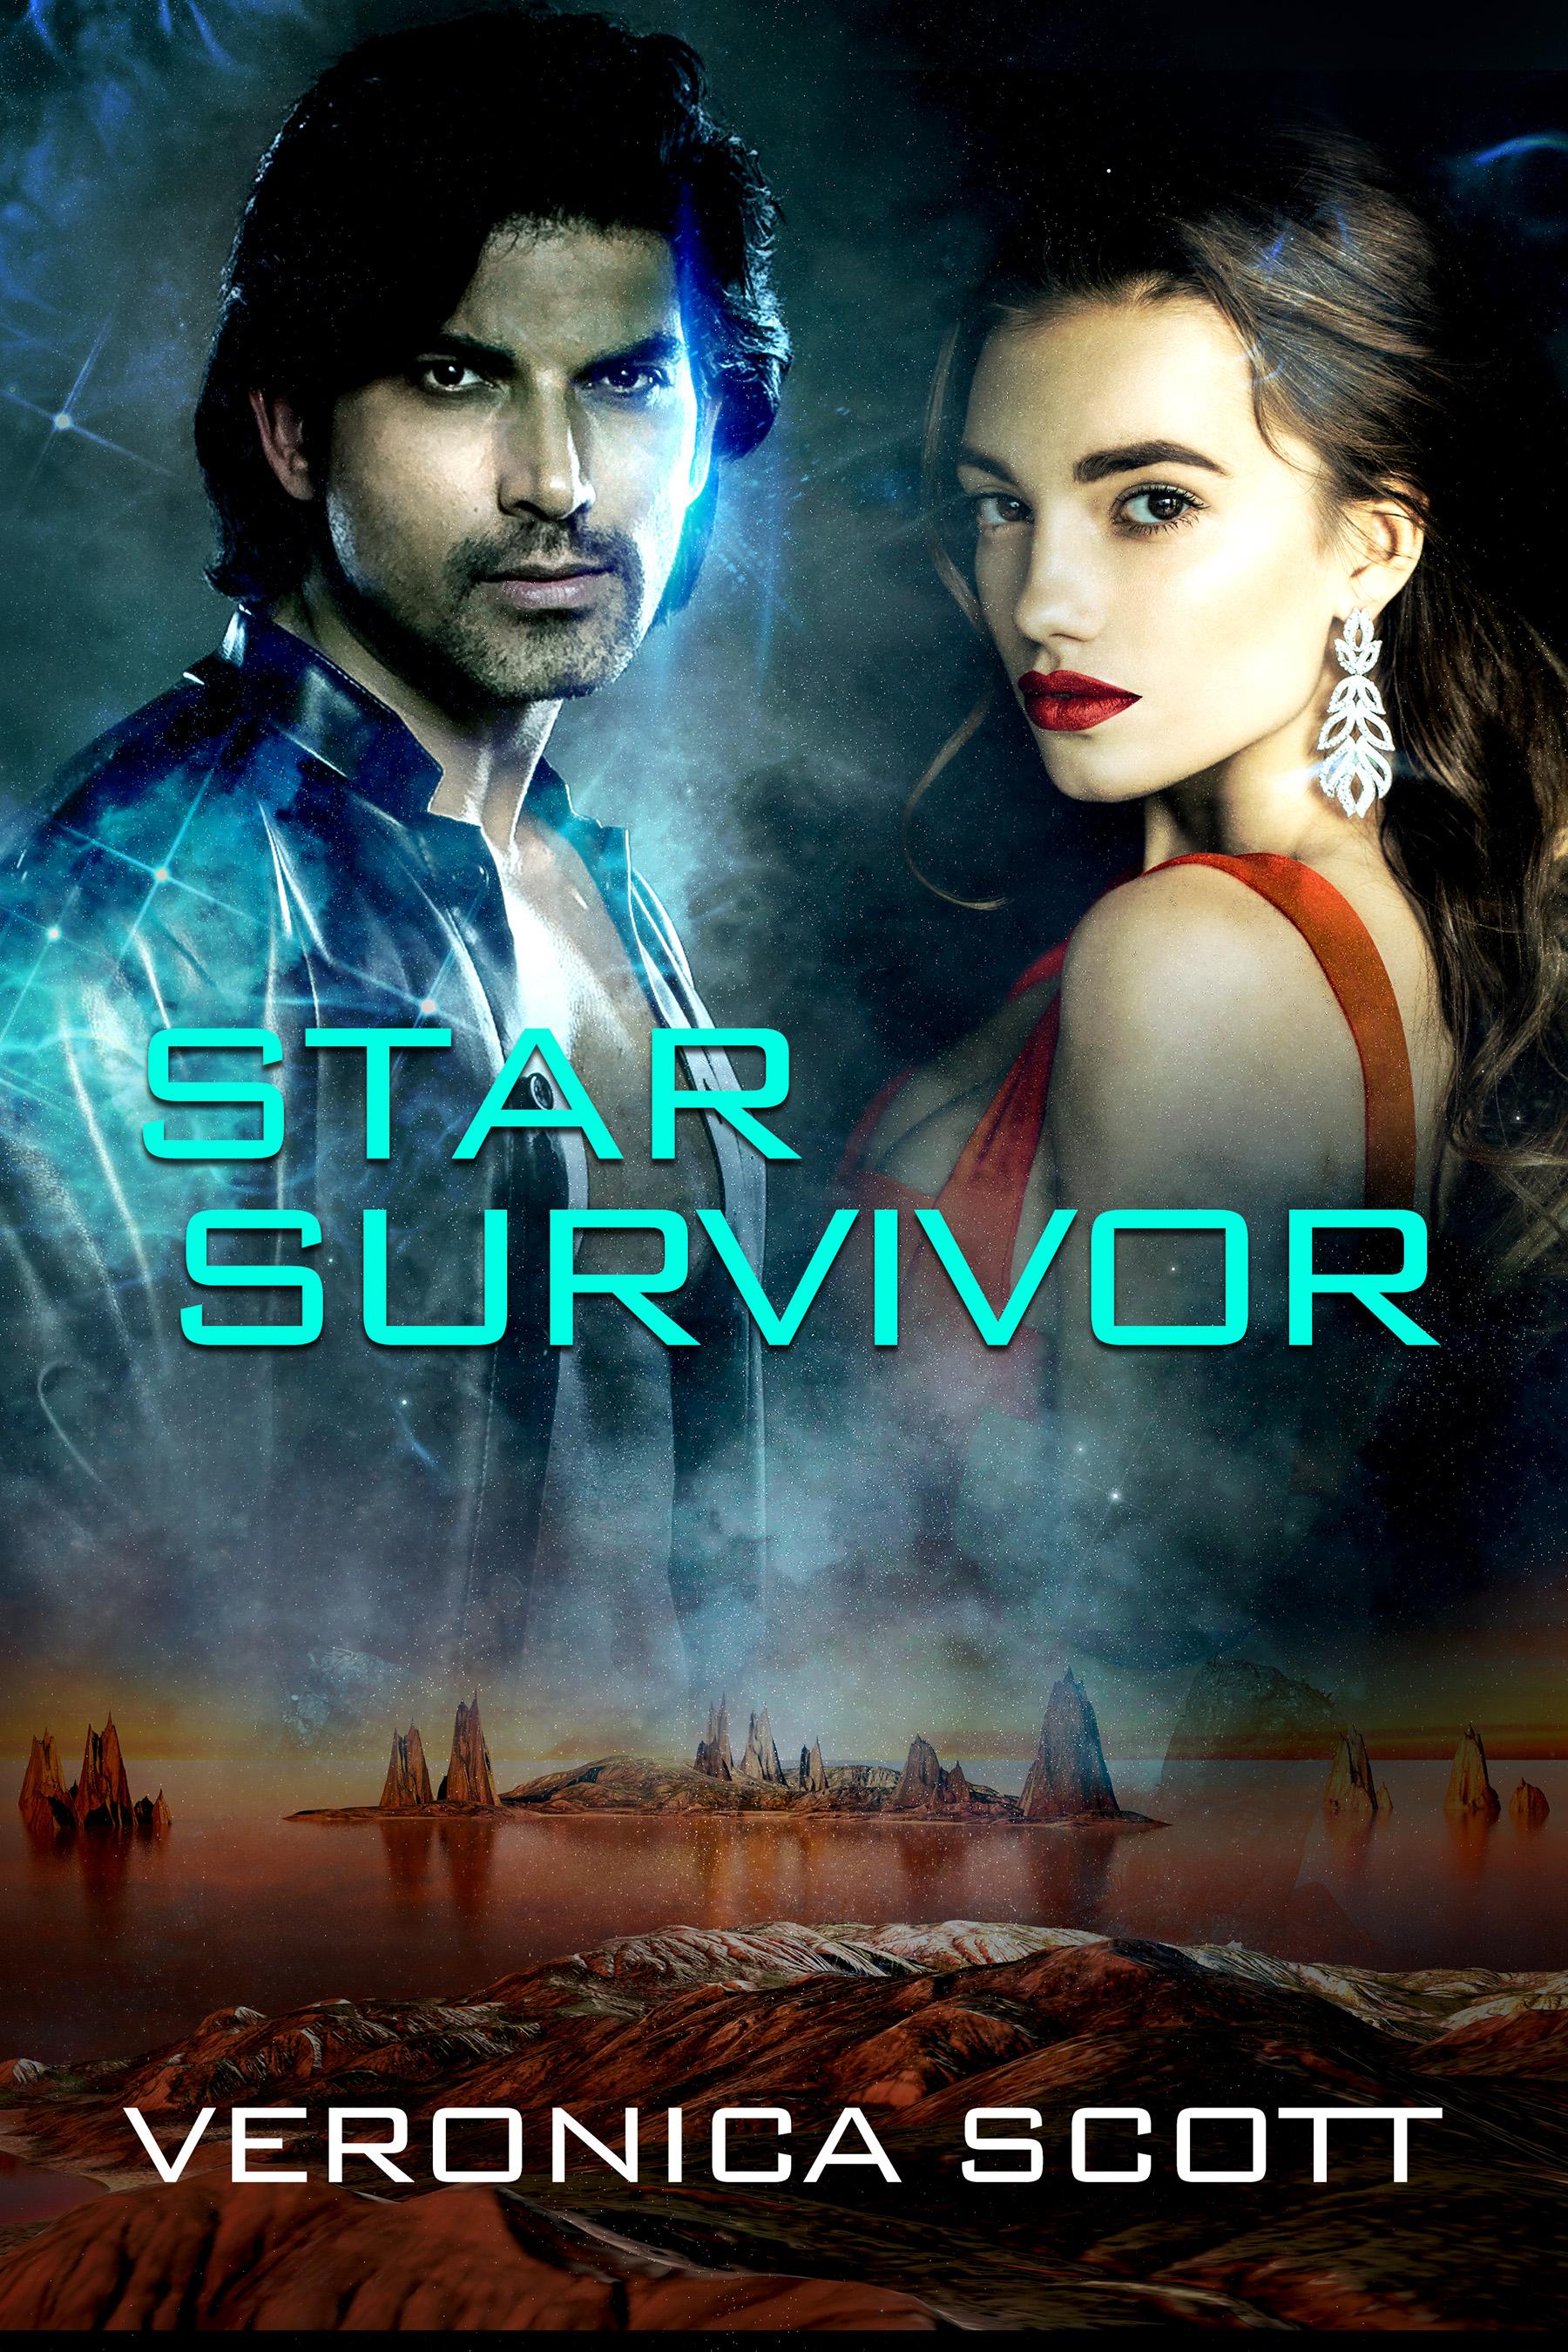 Star Survivor by Veronica Scott